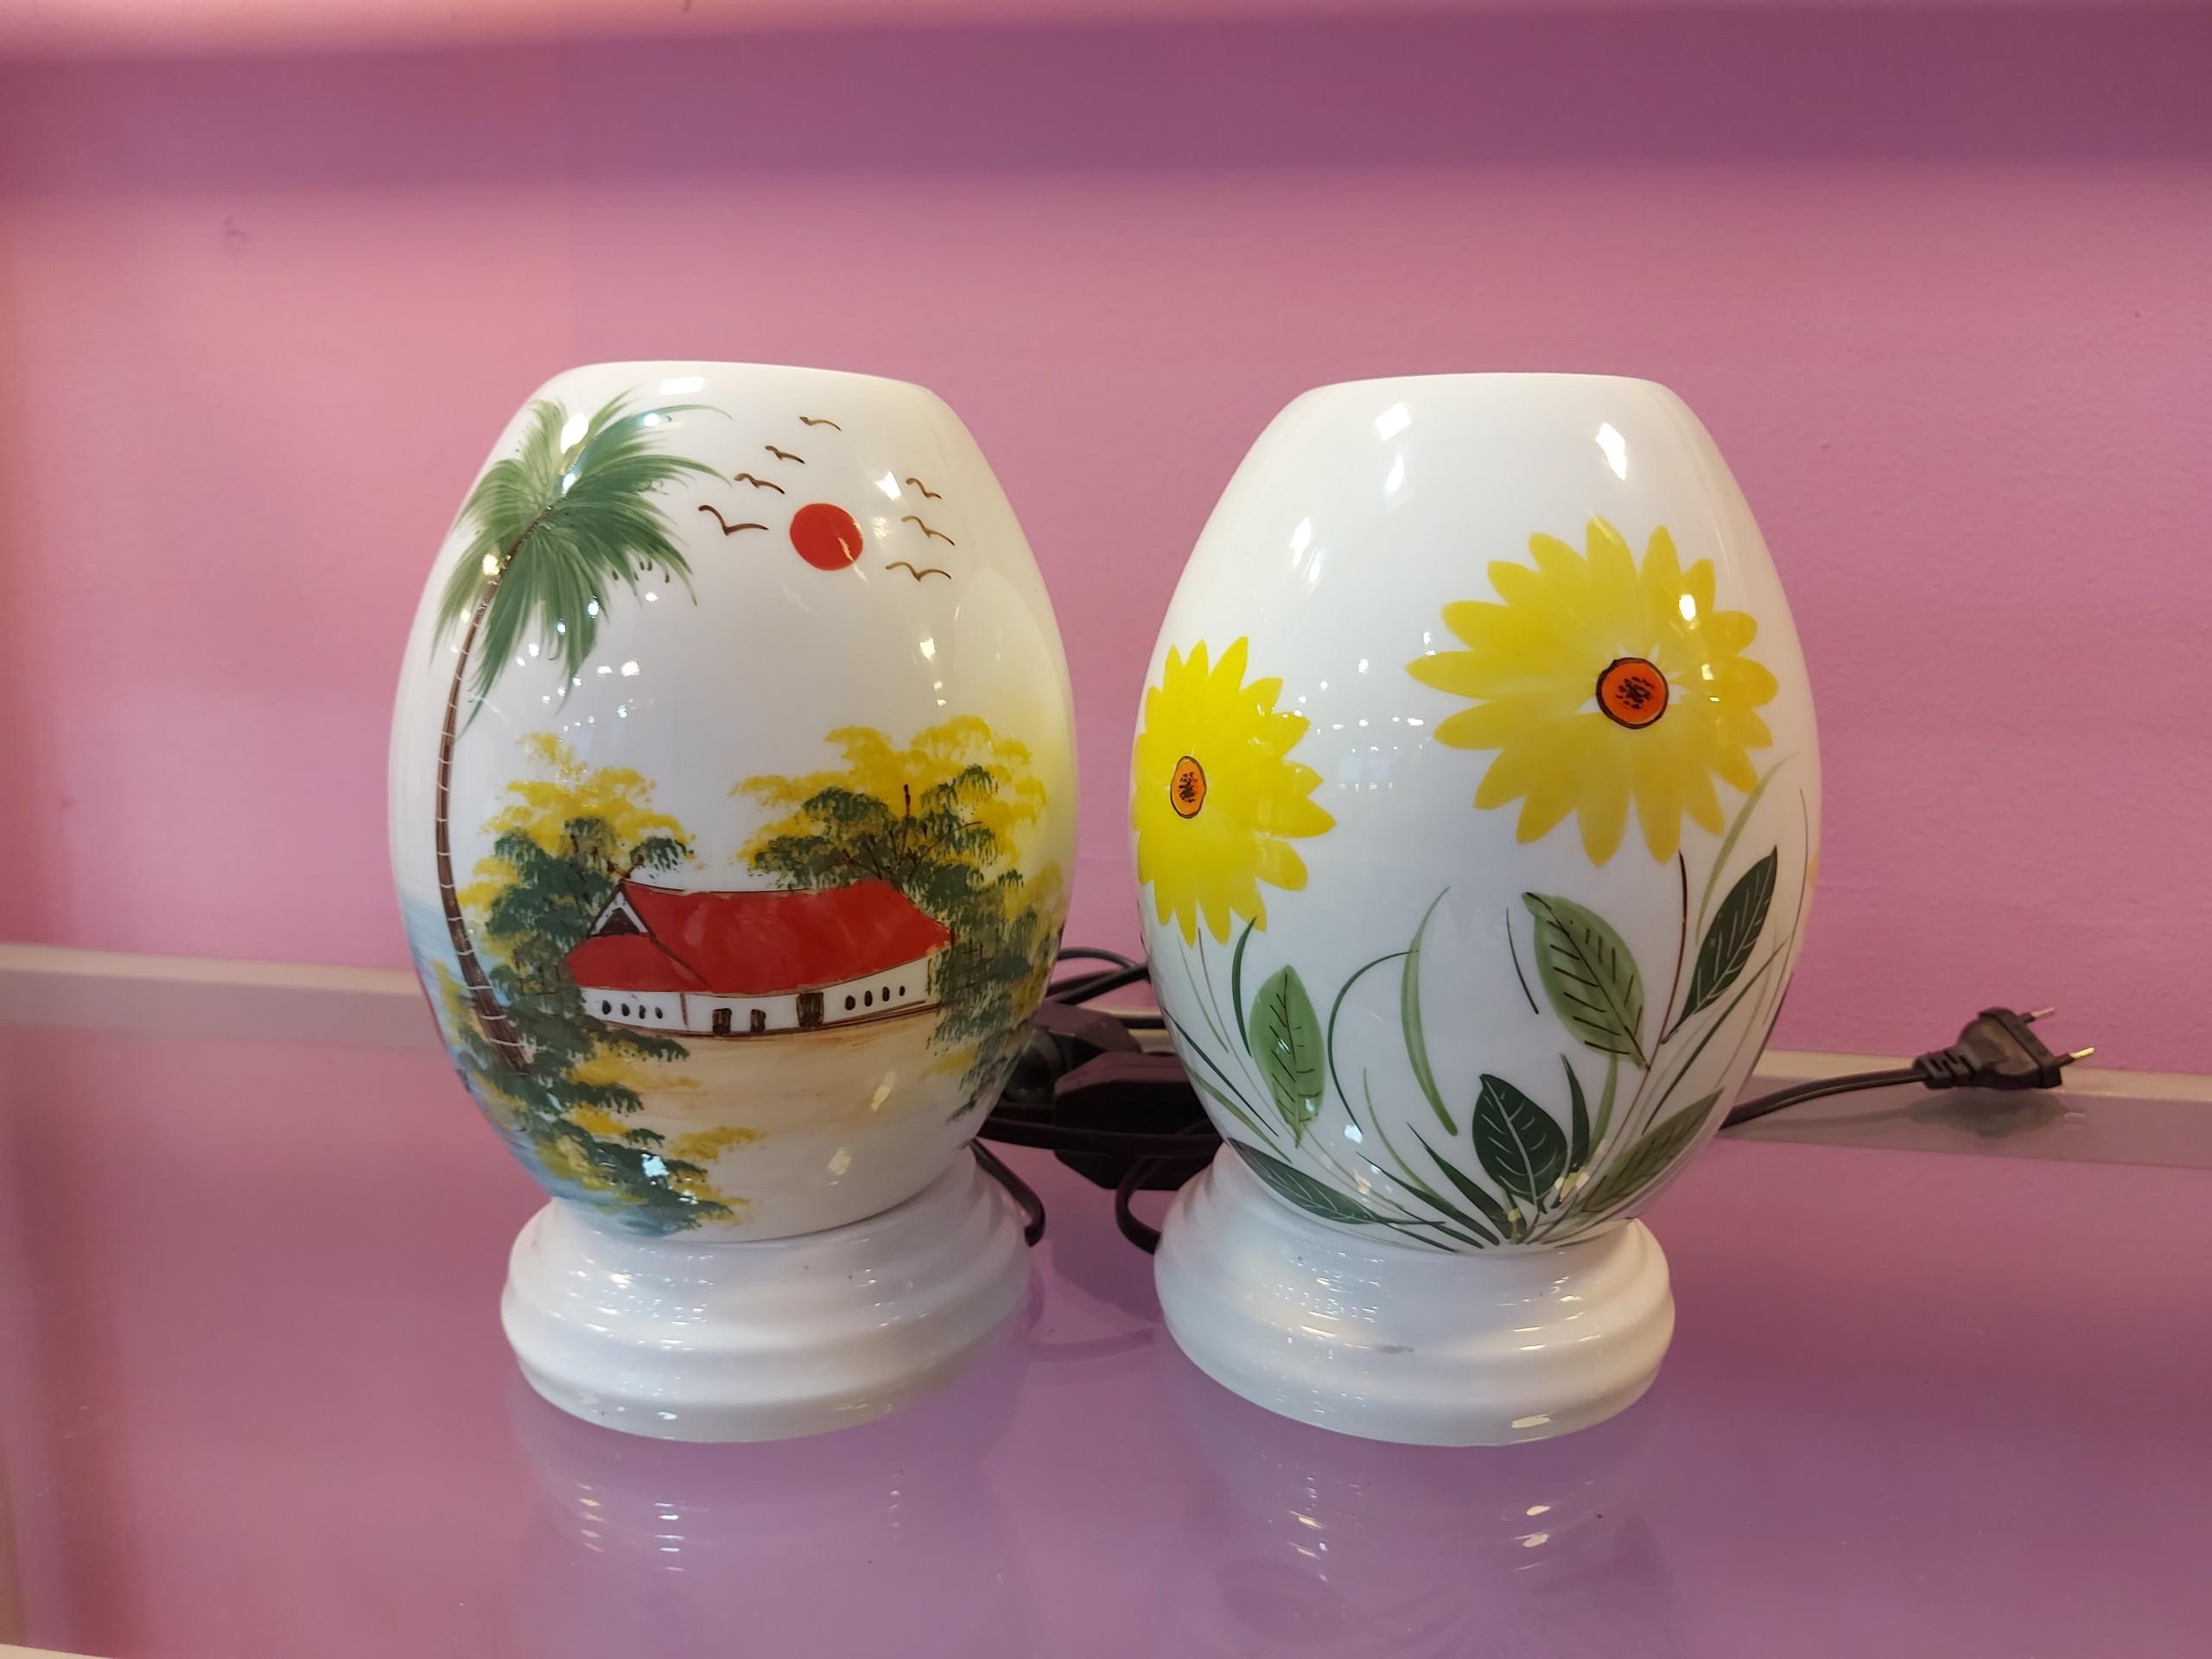 Đèn xông tinh dầu bằng gốm (Loại đại - 20cm) - Mẫu ngẫu nhiên - Quà Huế  Online